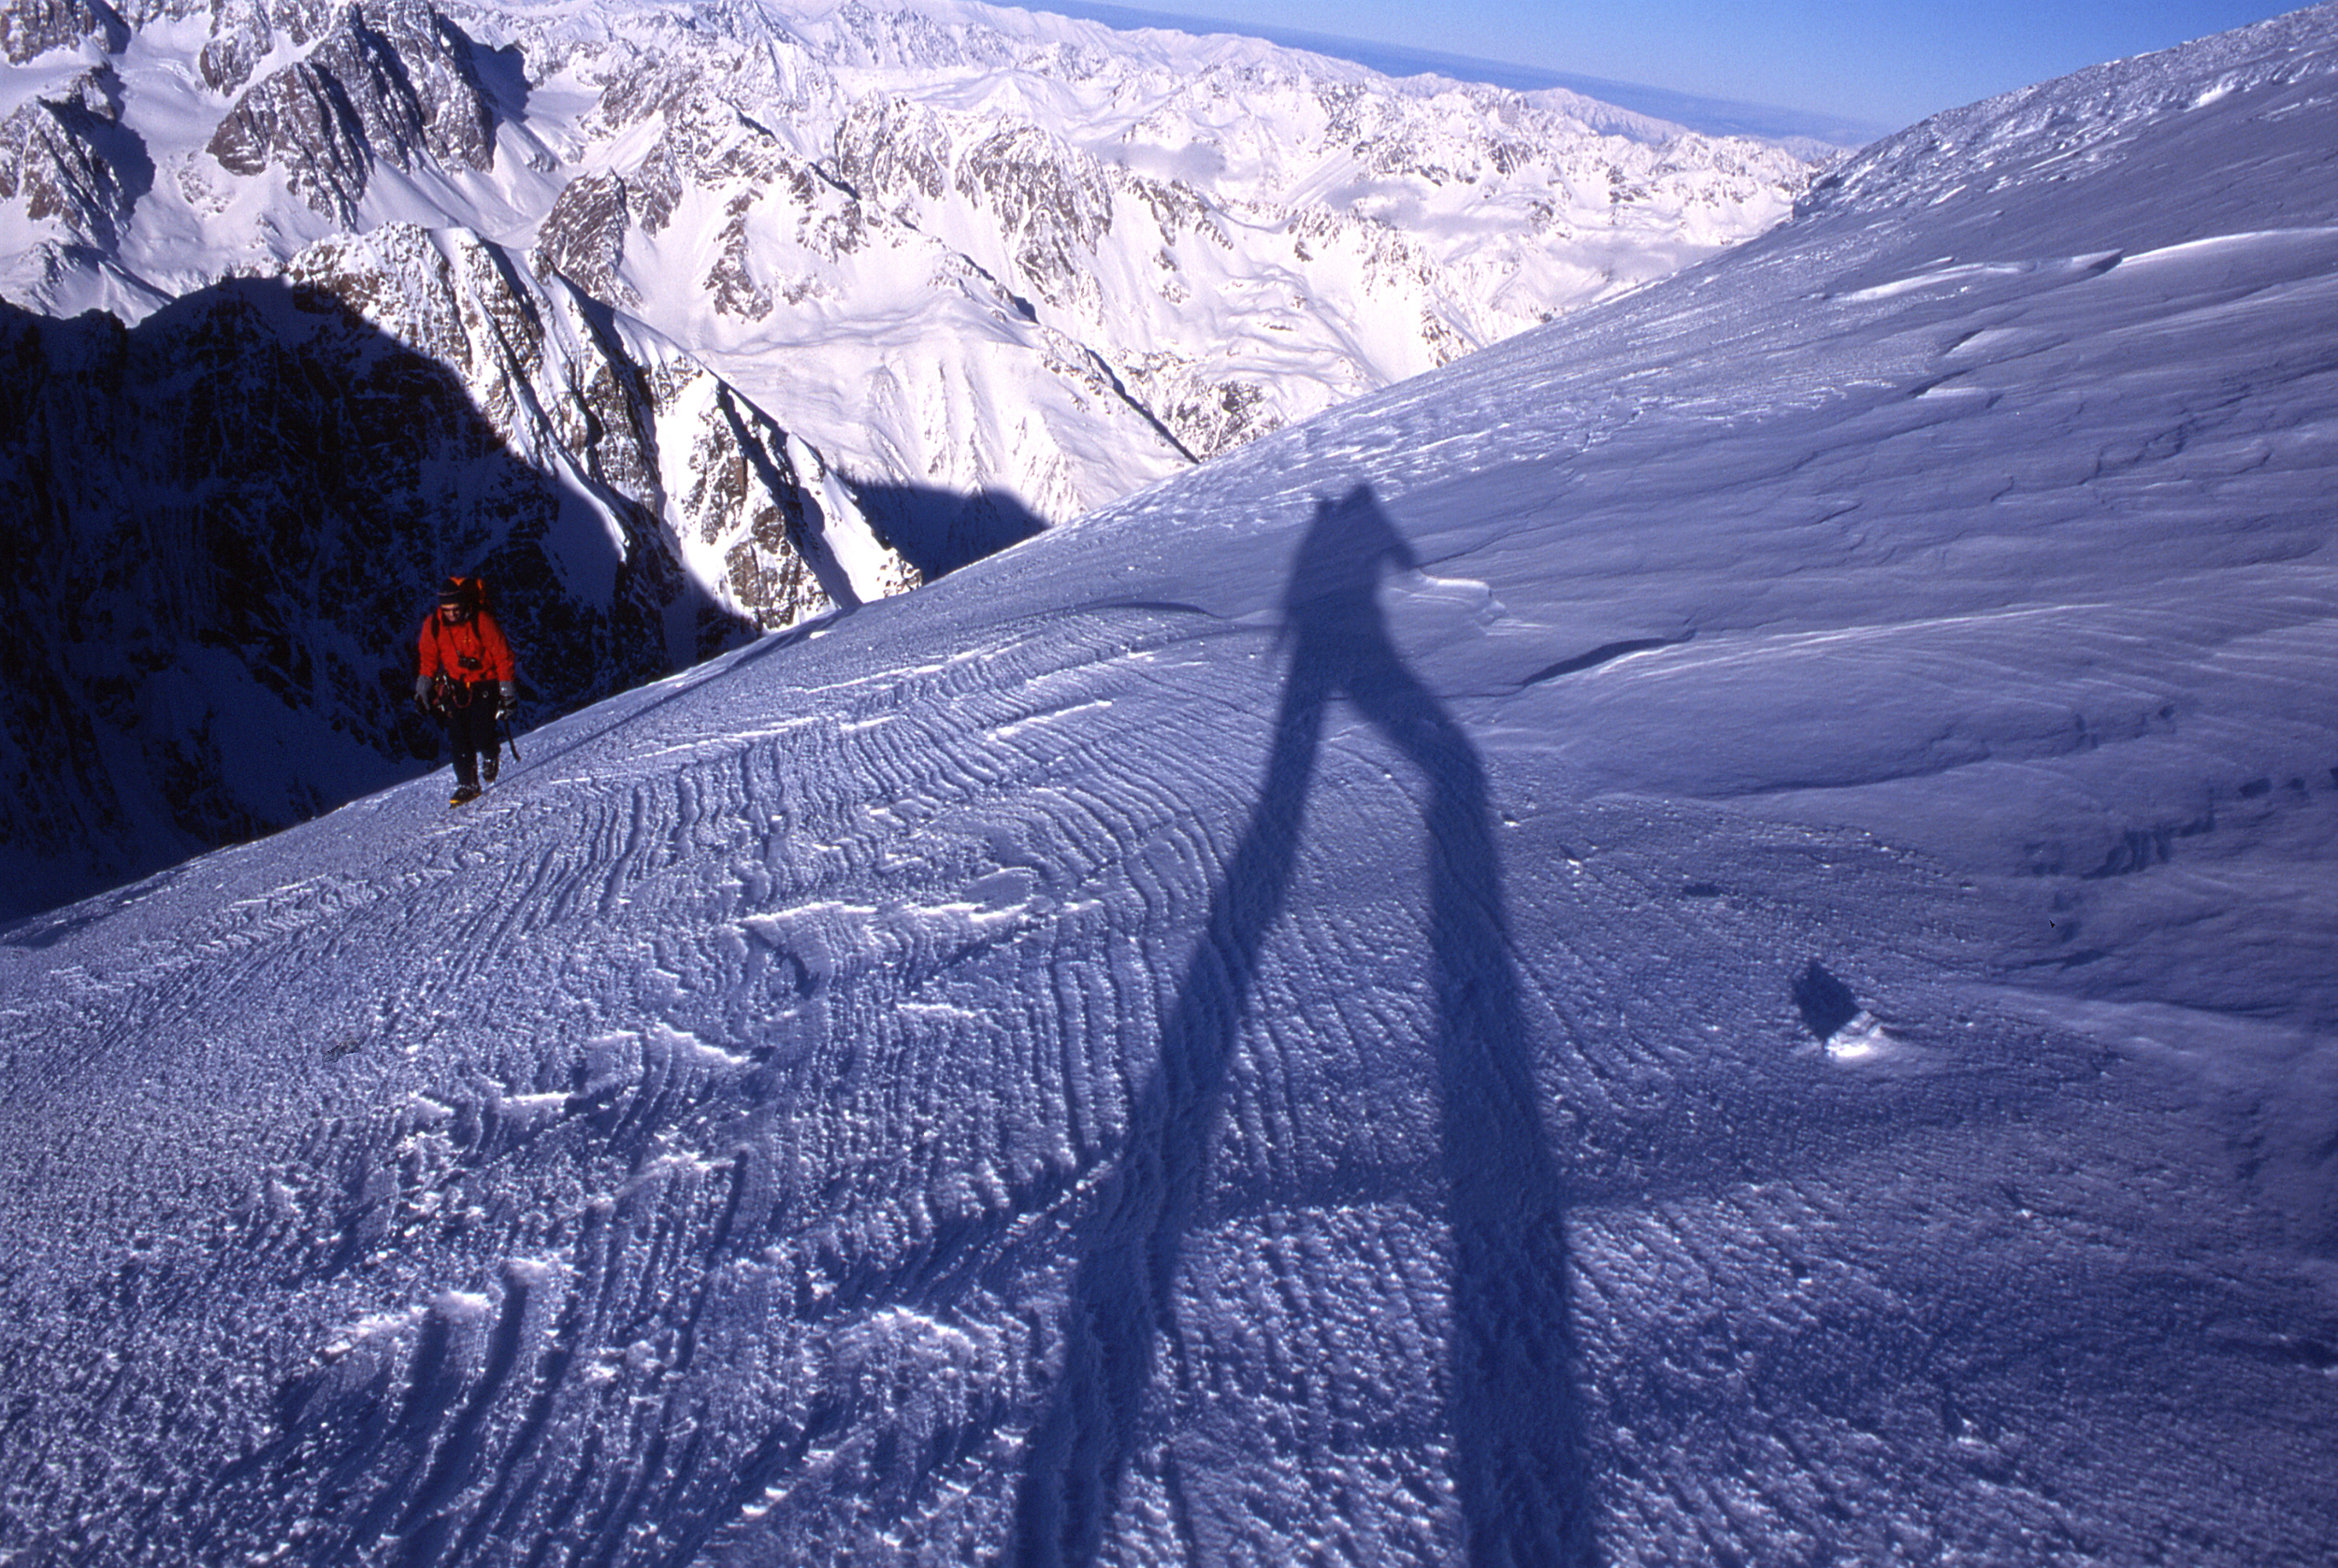 On Mt. Tasman, winter 2006.